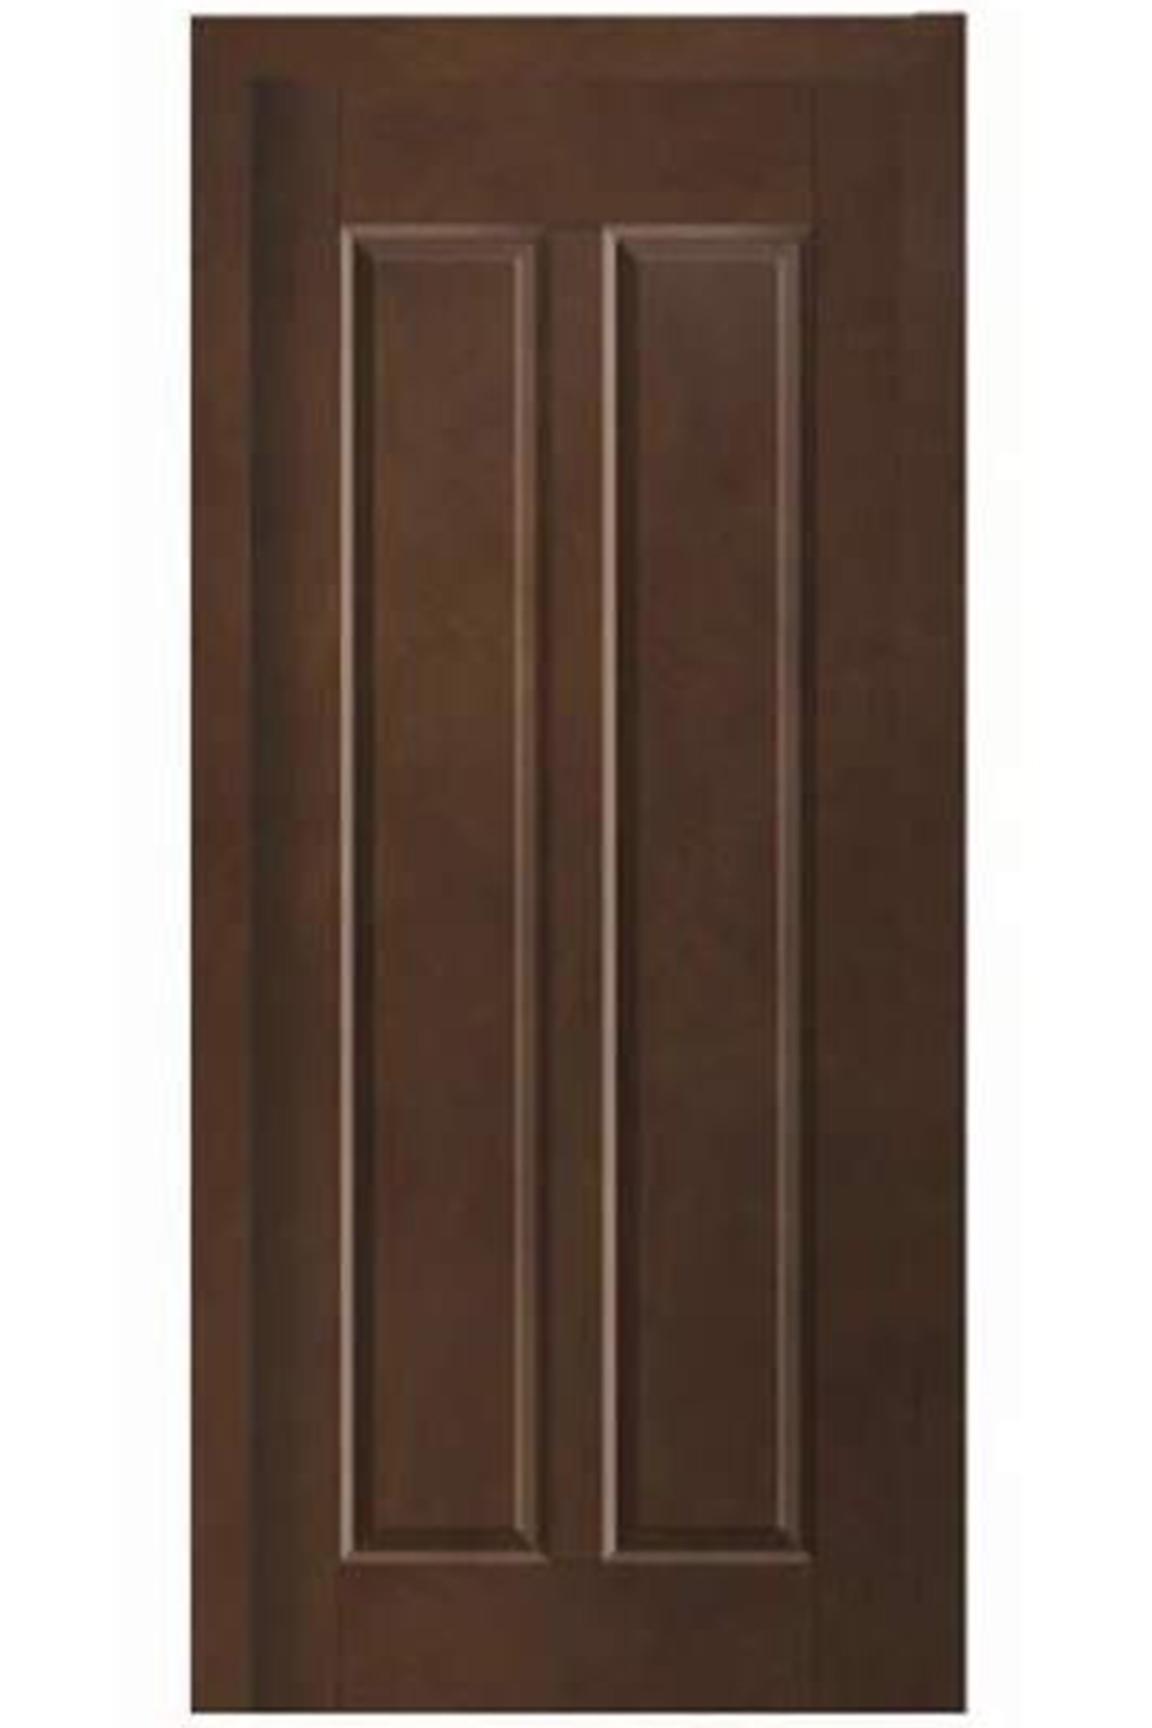 China Wooden Doors China Interior Door